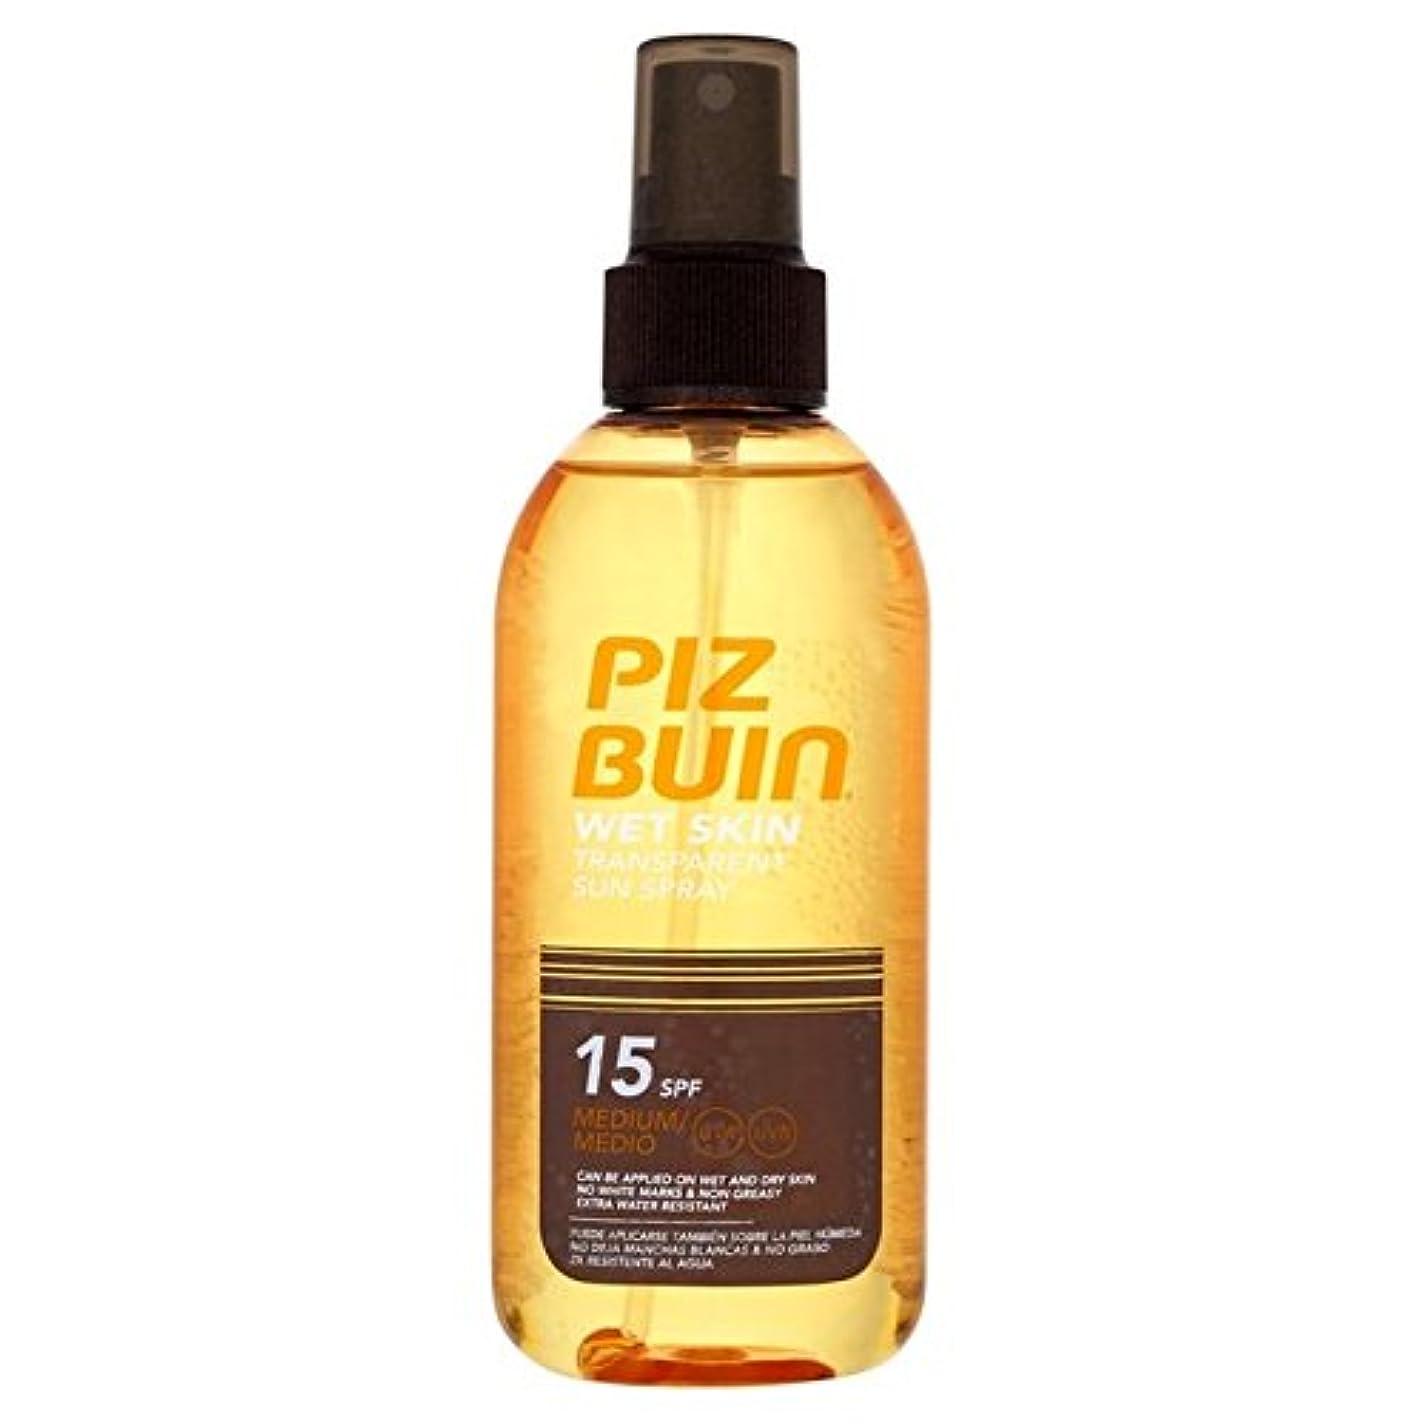 チロ批判的ロッカーPiz Buin Wet Transparent Skin SPF15 150ml - ピッツブーインの湿った透明肌15の150ミリリットル [並行輸入品]